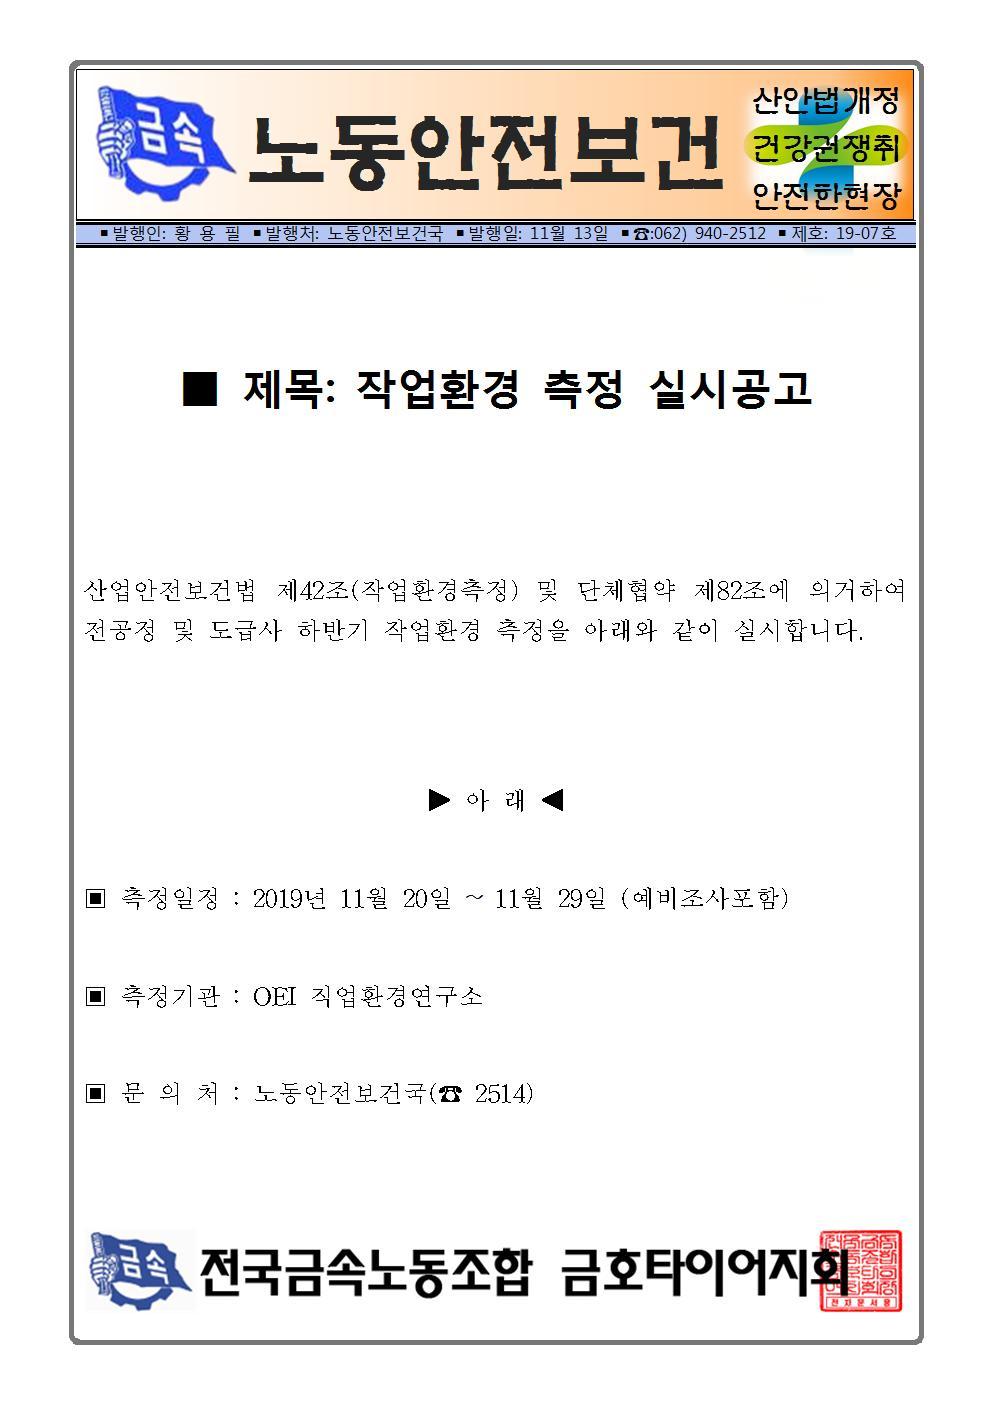 19-07 작업환경 측정 실시공고.jpg